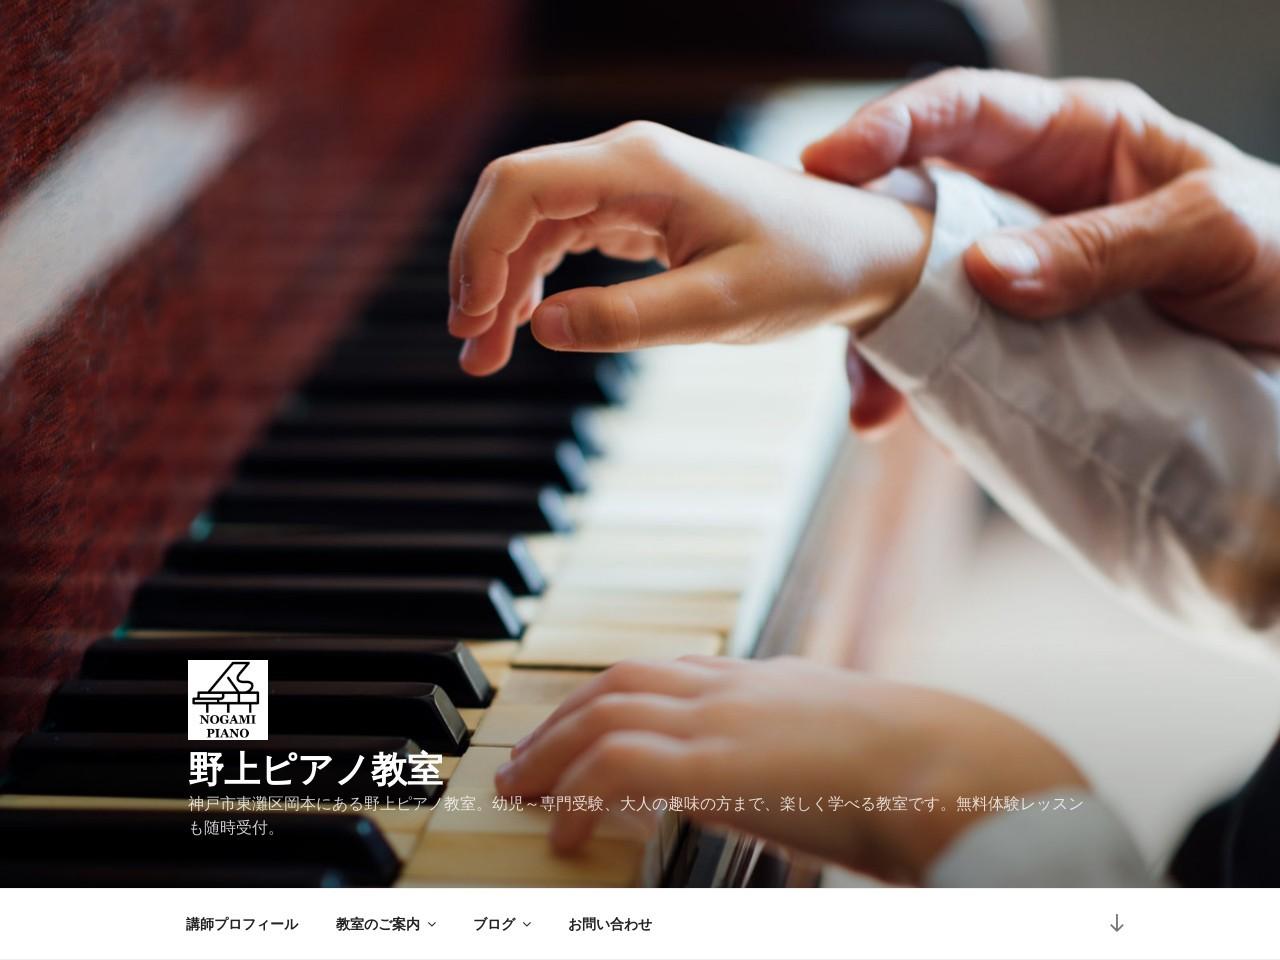 野上ピアノ教室のサムネイル